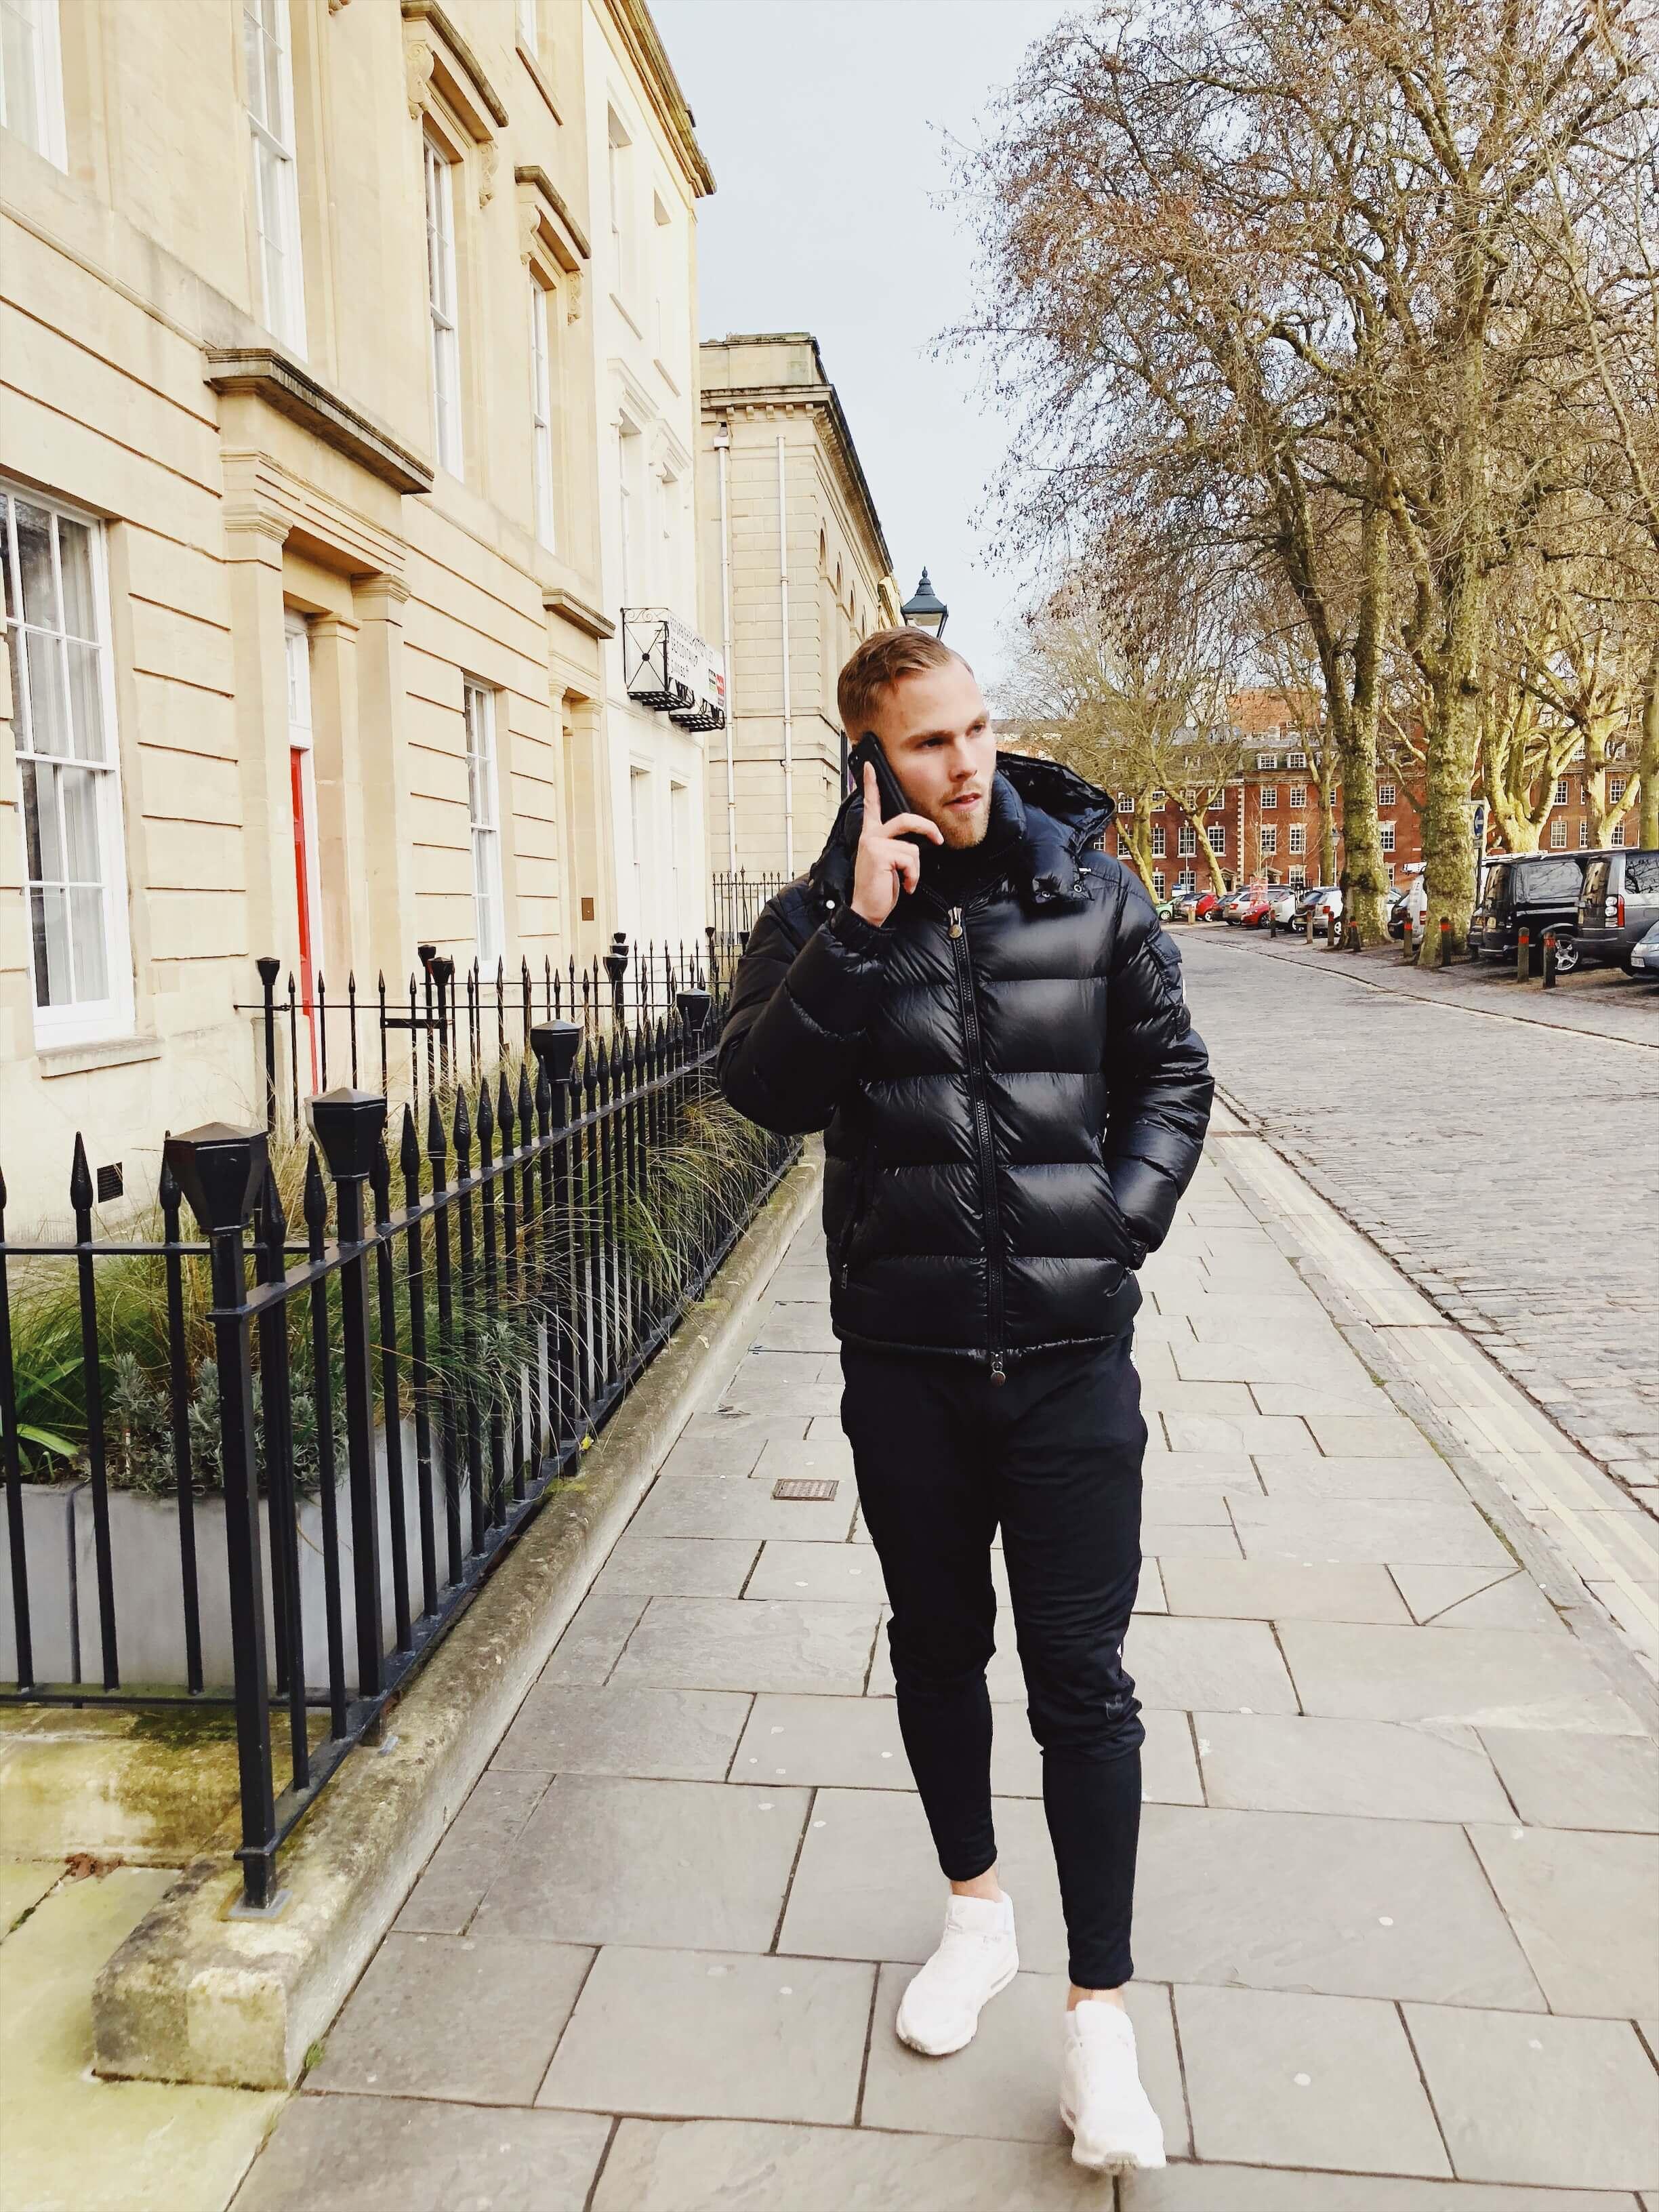 Kiwi i London hastighet dating